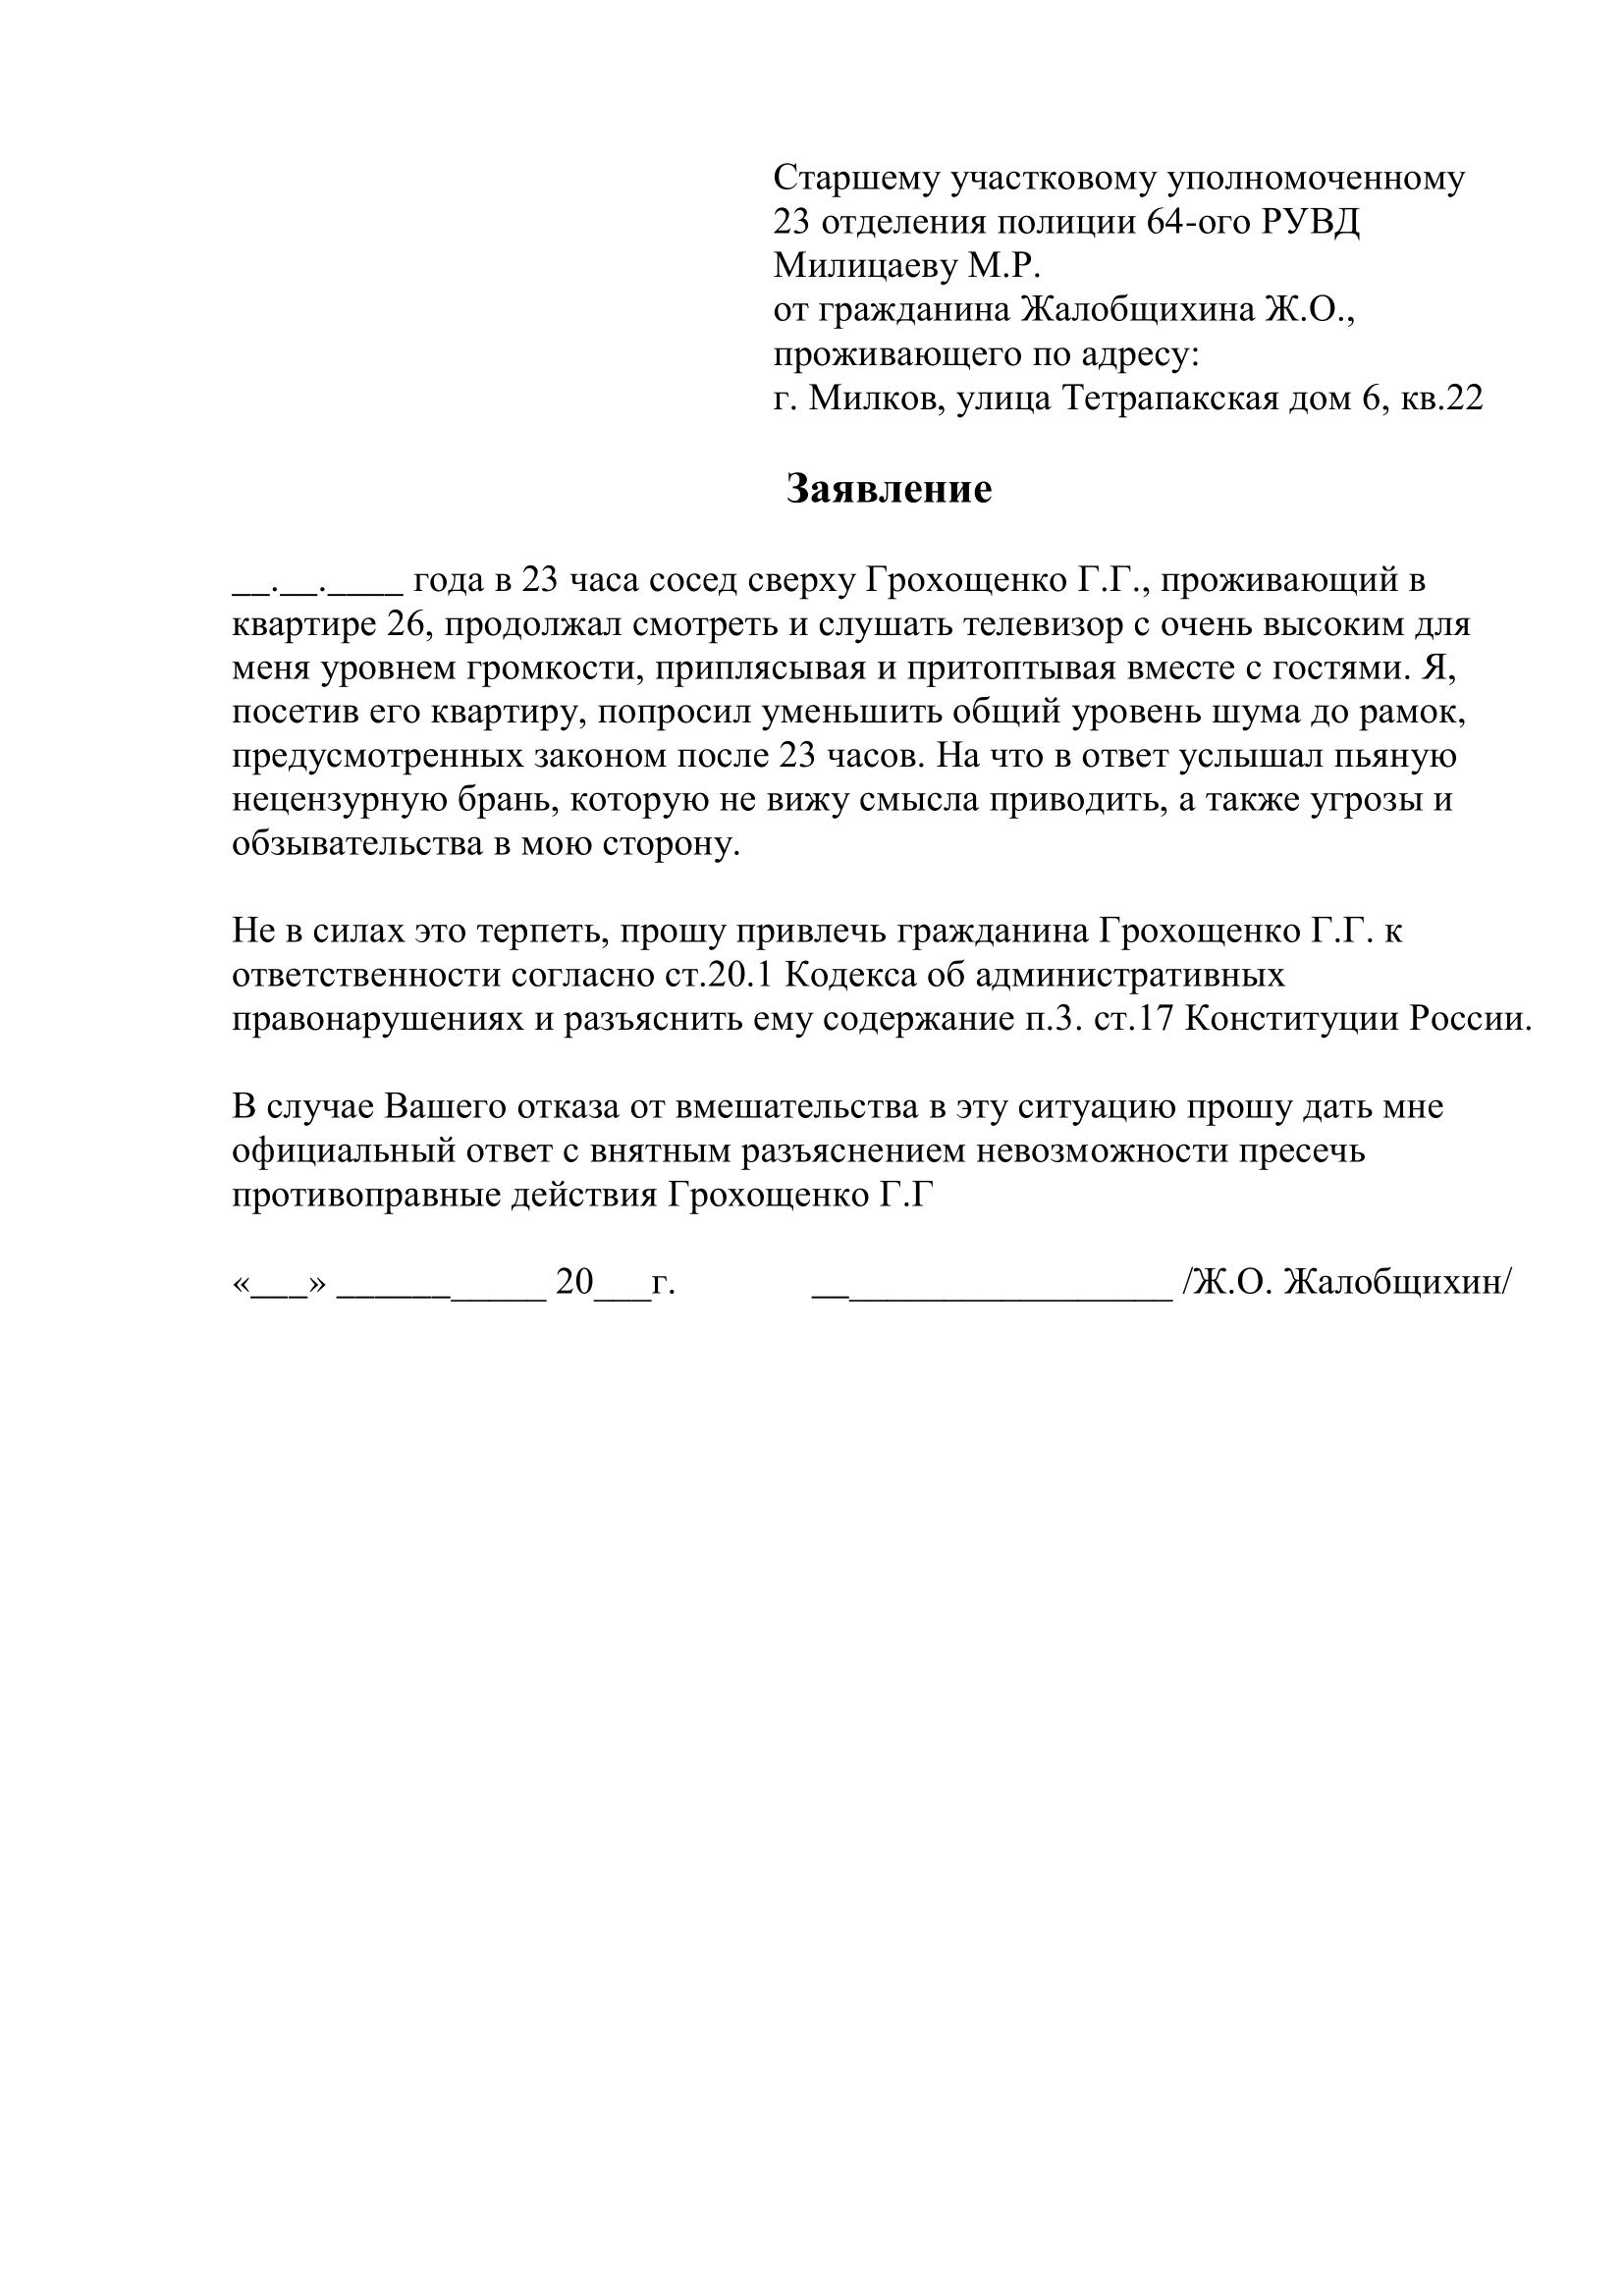 Заявление на соседей участковому